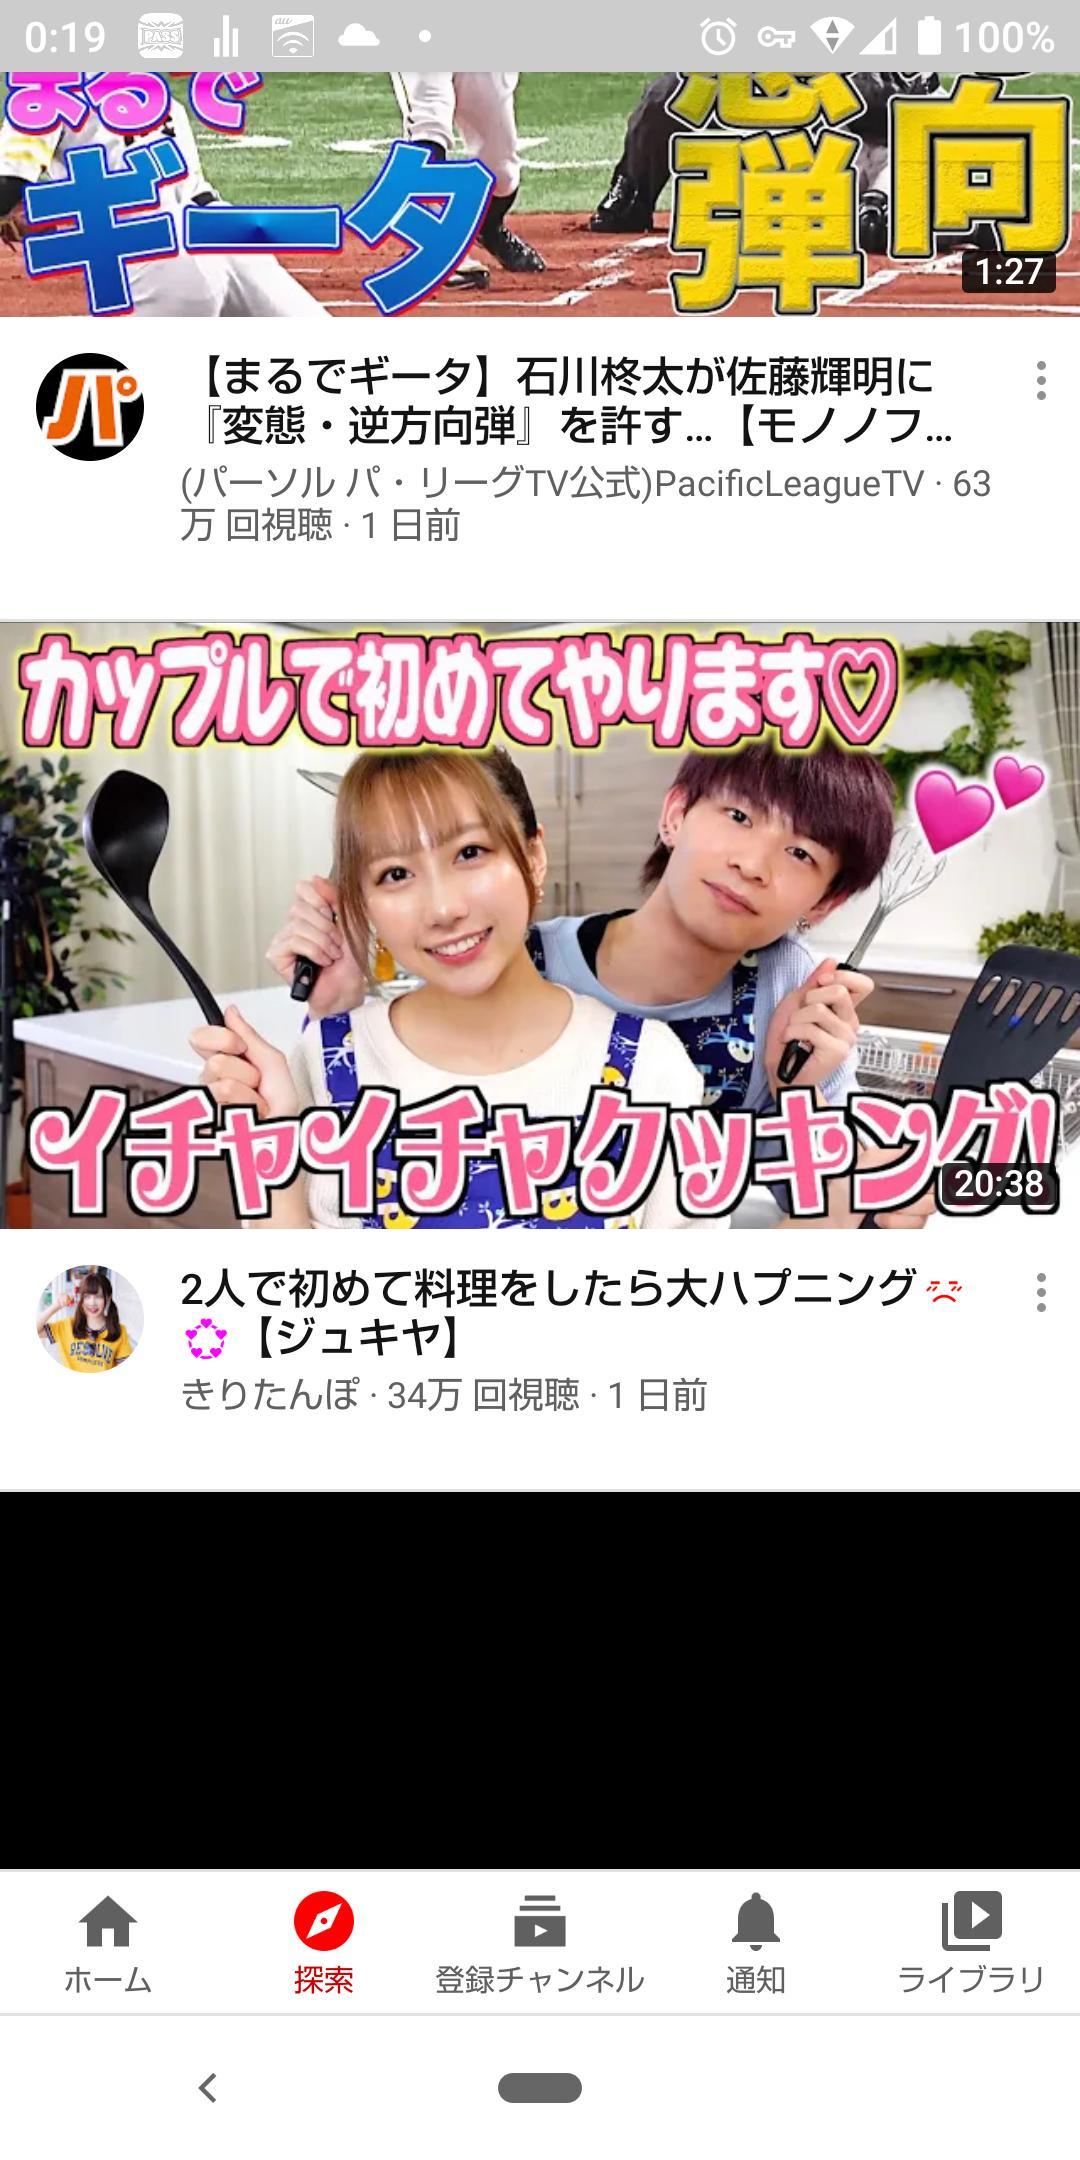 【画像】カップル系YouTuberとかいう誰が見てんのかわからん動画www